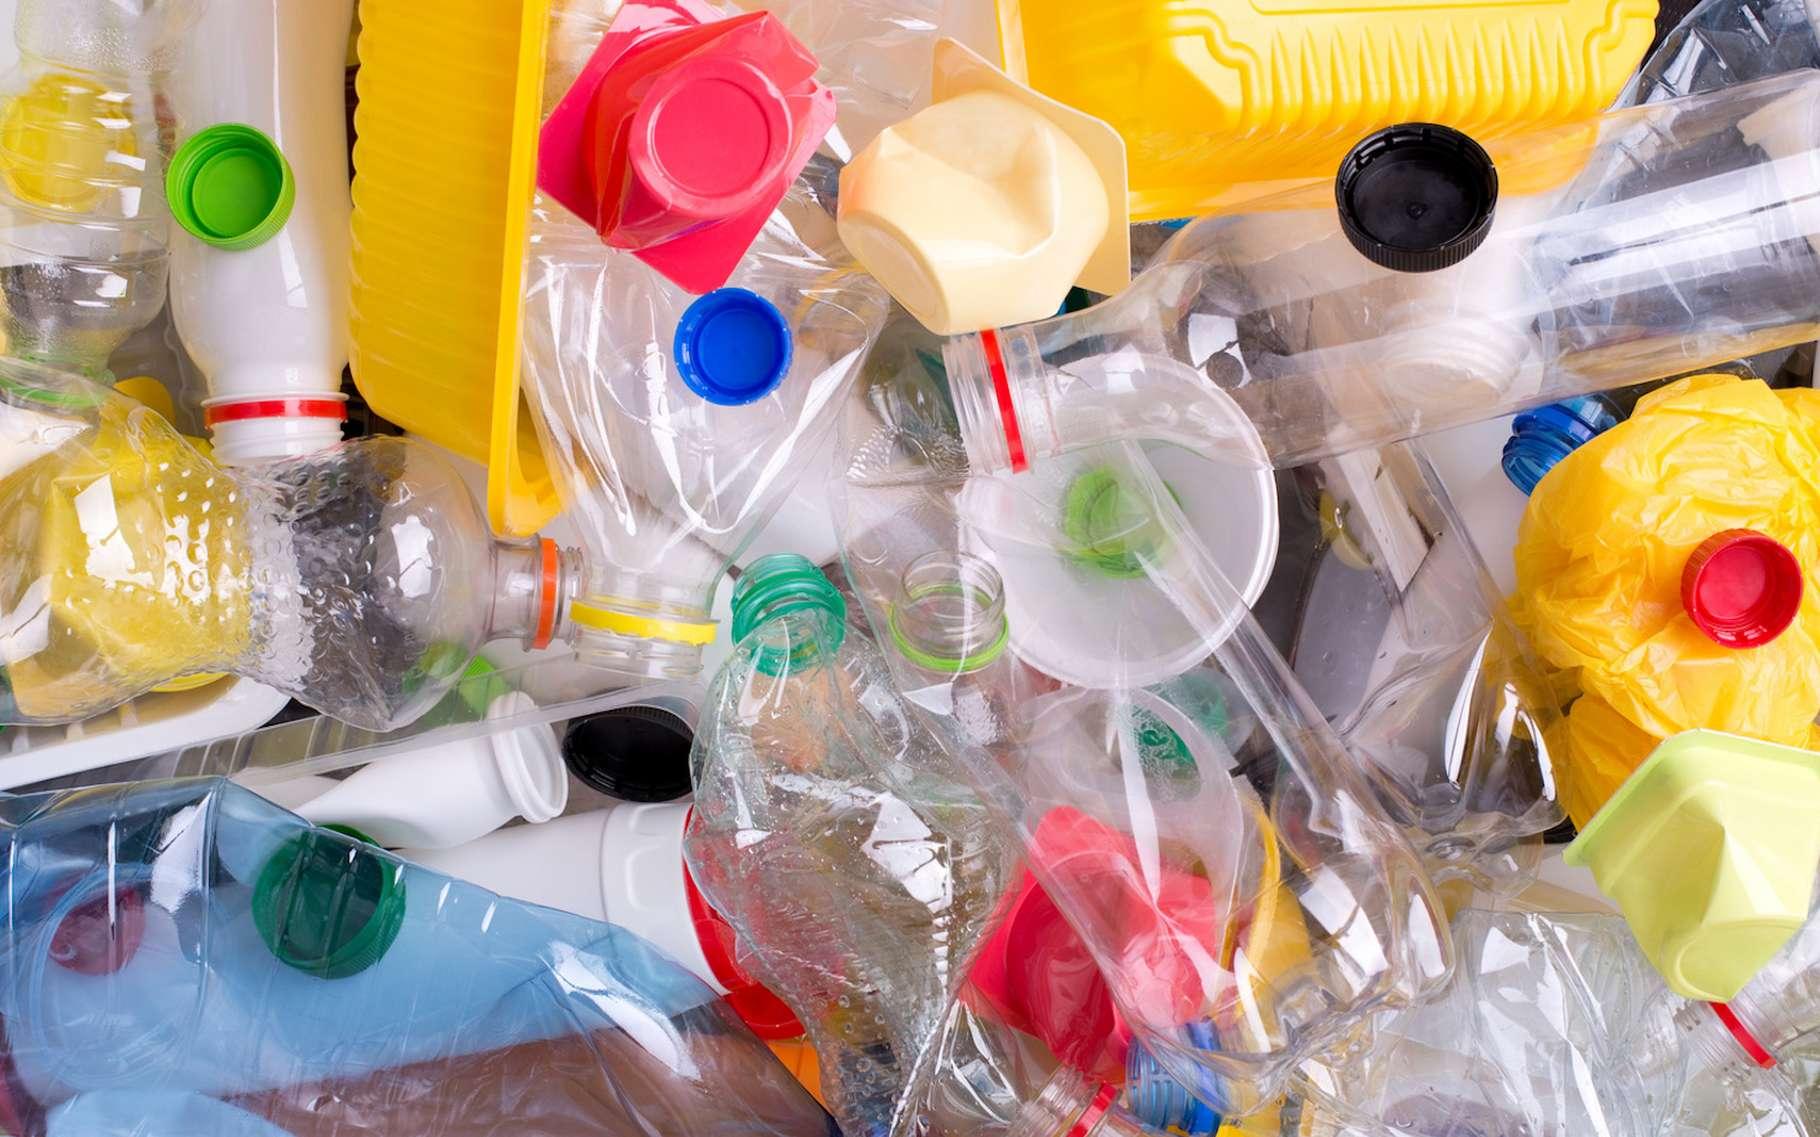 La « Semaine Européenne de la Réduction des Déchets » est la semaine européenne pour faire connaître les stratégies de réduction des déchets et la politique de l'Union européenne, promouvoir des actions durables de réduction des déchets à travers l'Europe et mettre en évidence le travail accompli par les divers acteurs. © photka, Fotolia